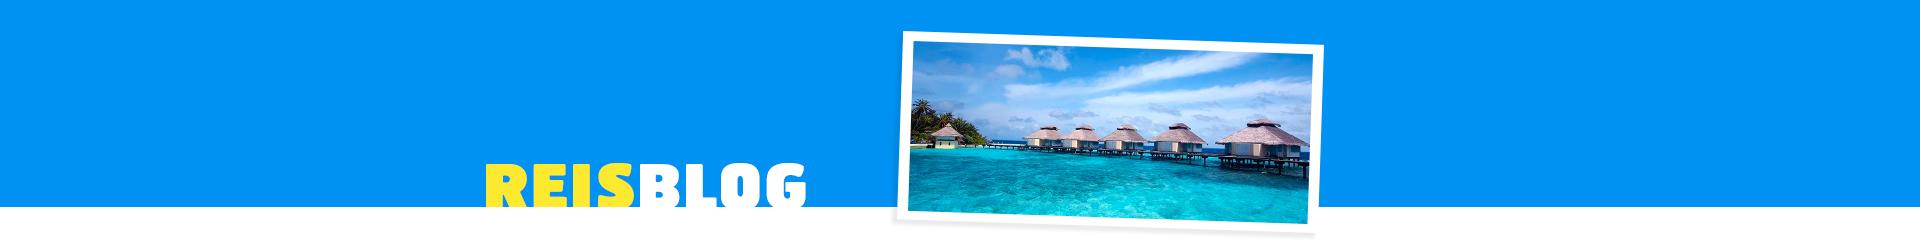 Prachtige blauwe zee met huisjes